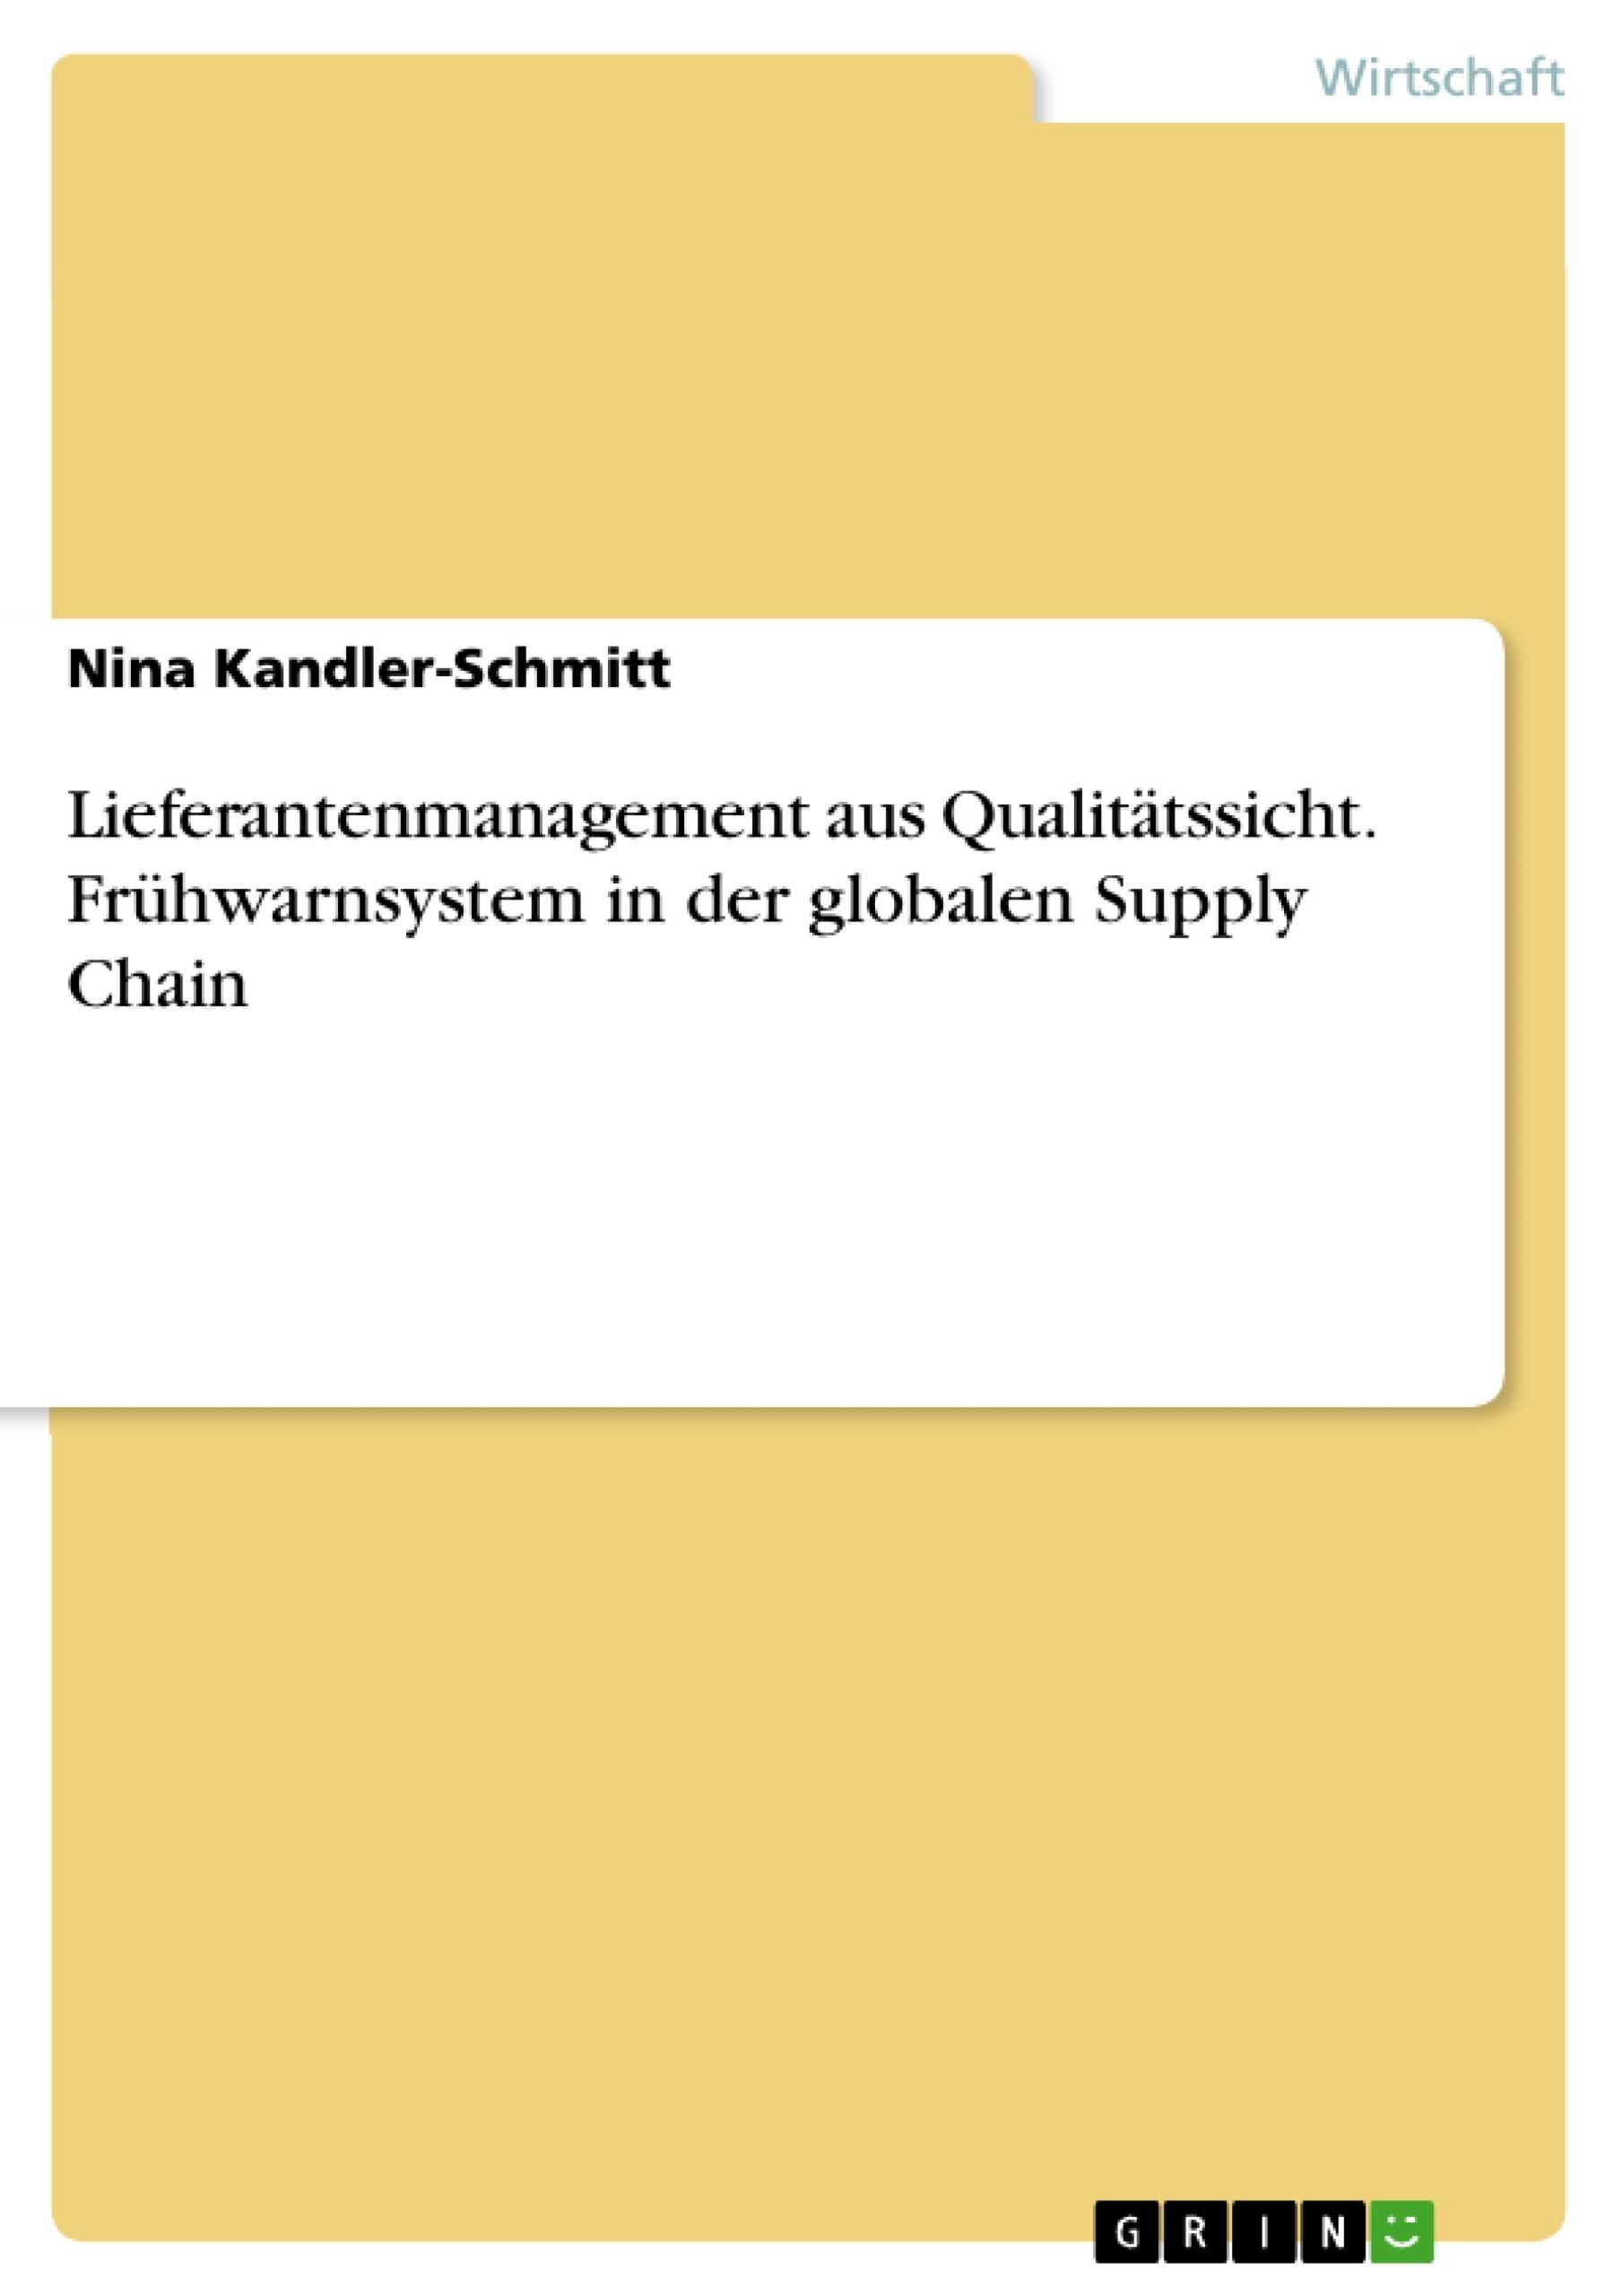 Titel: Lieferantenmanagement aus Qualitätssicht. Frühwarnsystem in der globalen Supply Chain